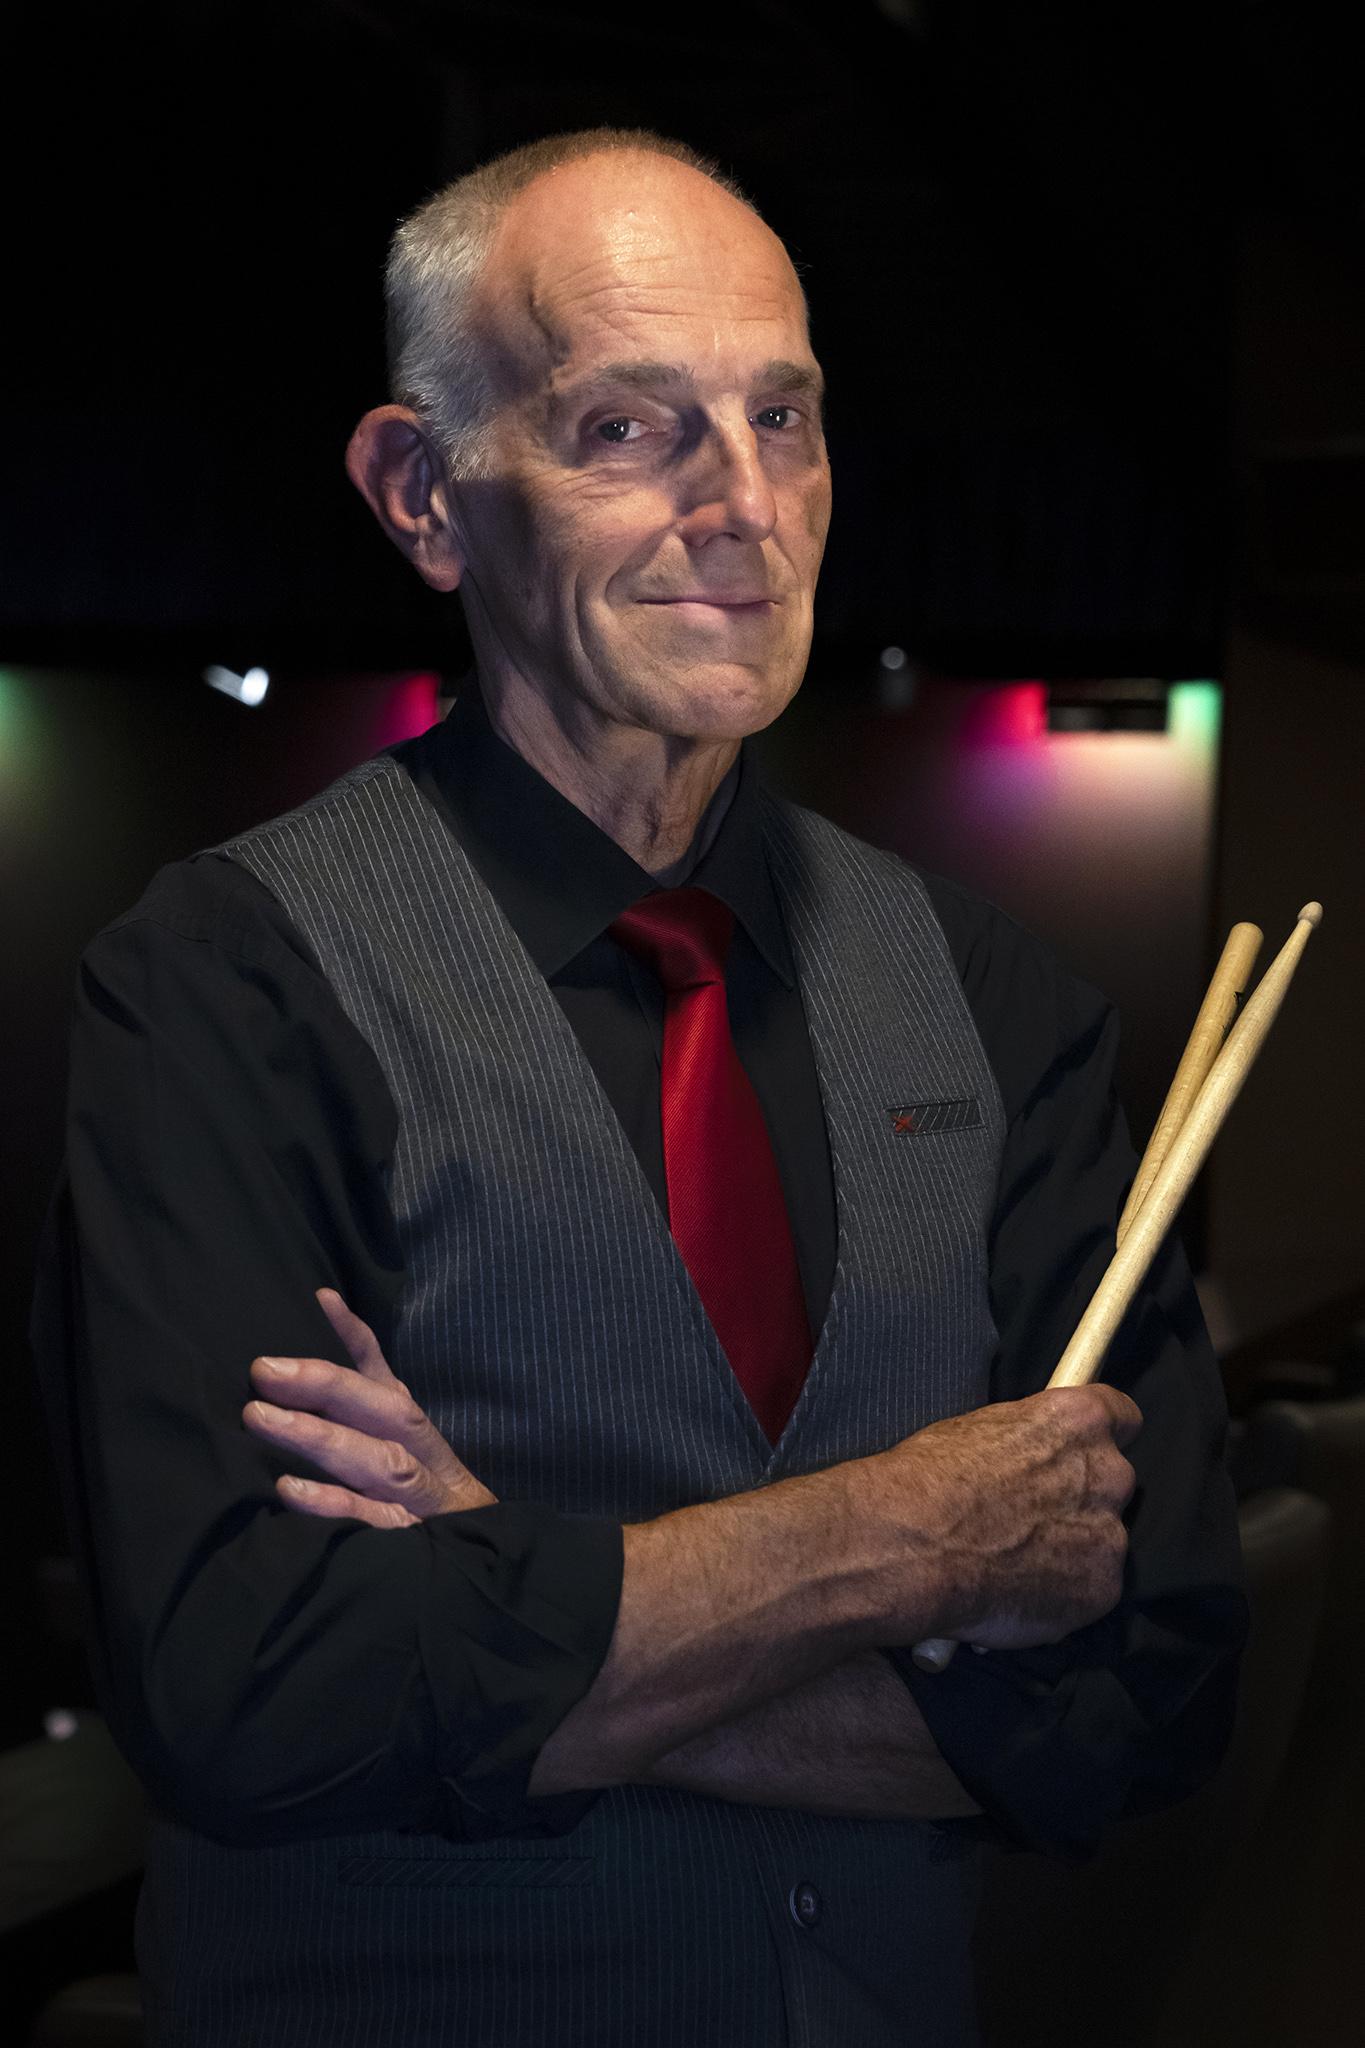 Peter Tiggelers Drums